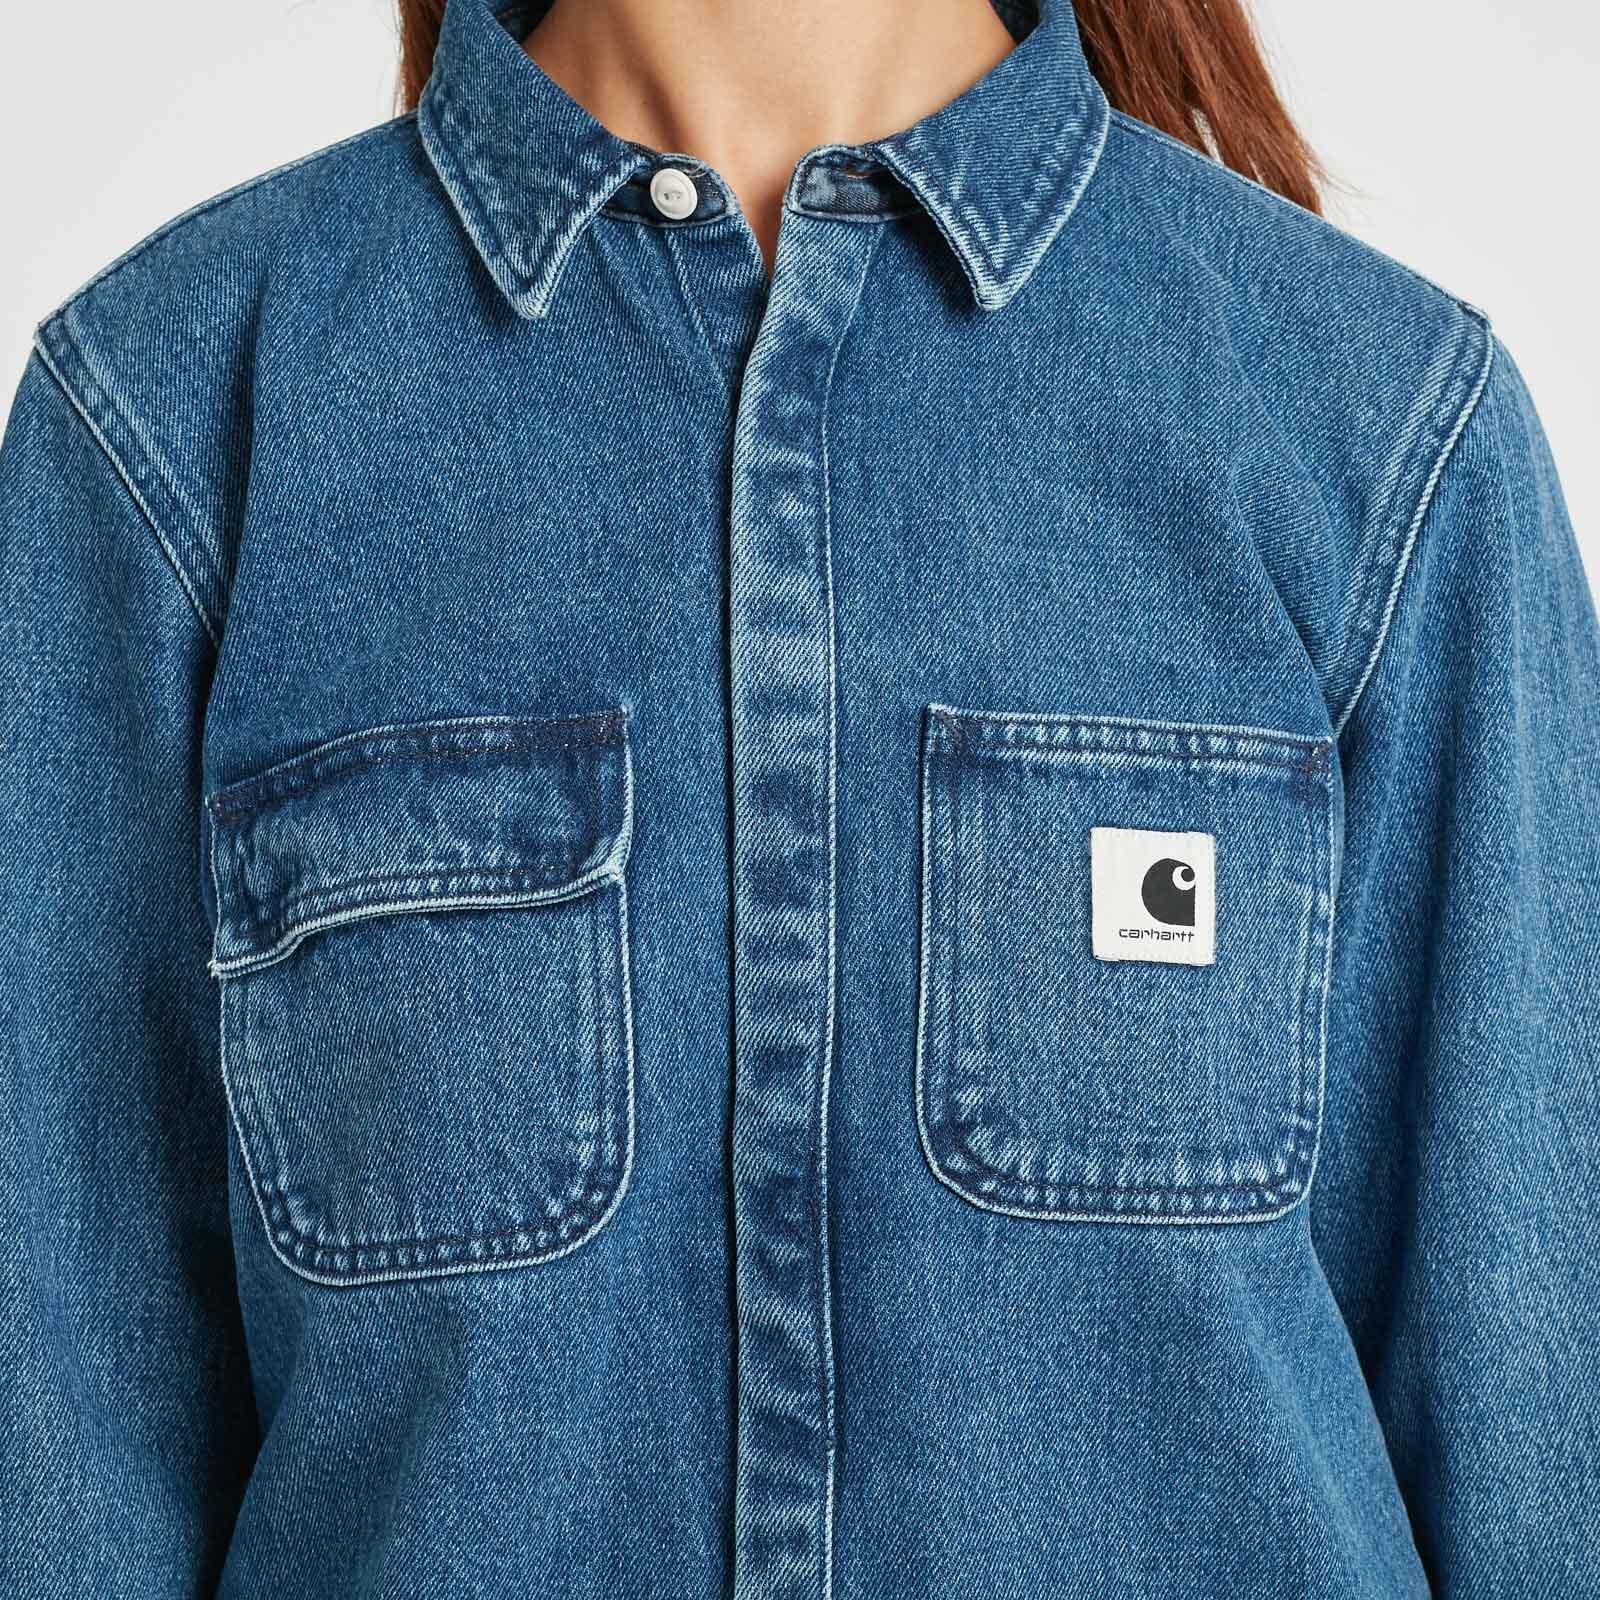 446407da7a Carhartt WIP W L S Salinac Shirt - I022159.01.06.03 - Sneakersnstuff ...